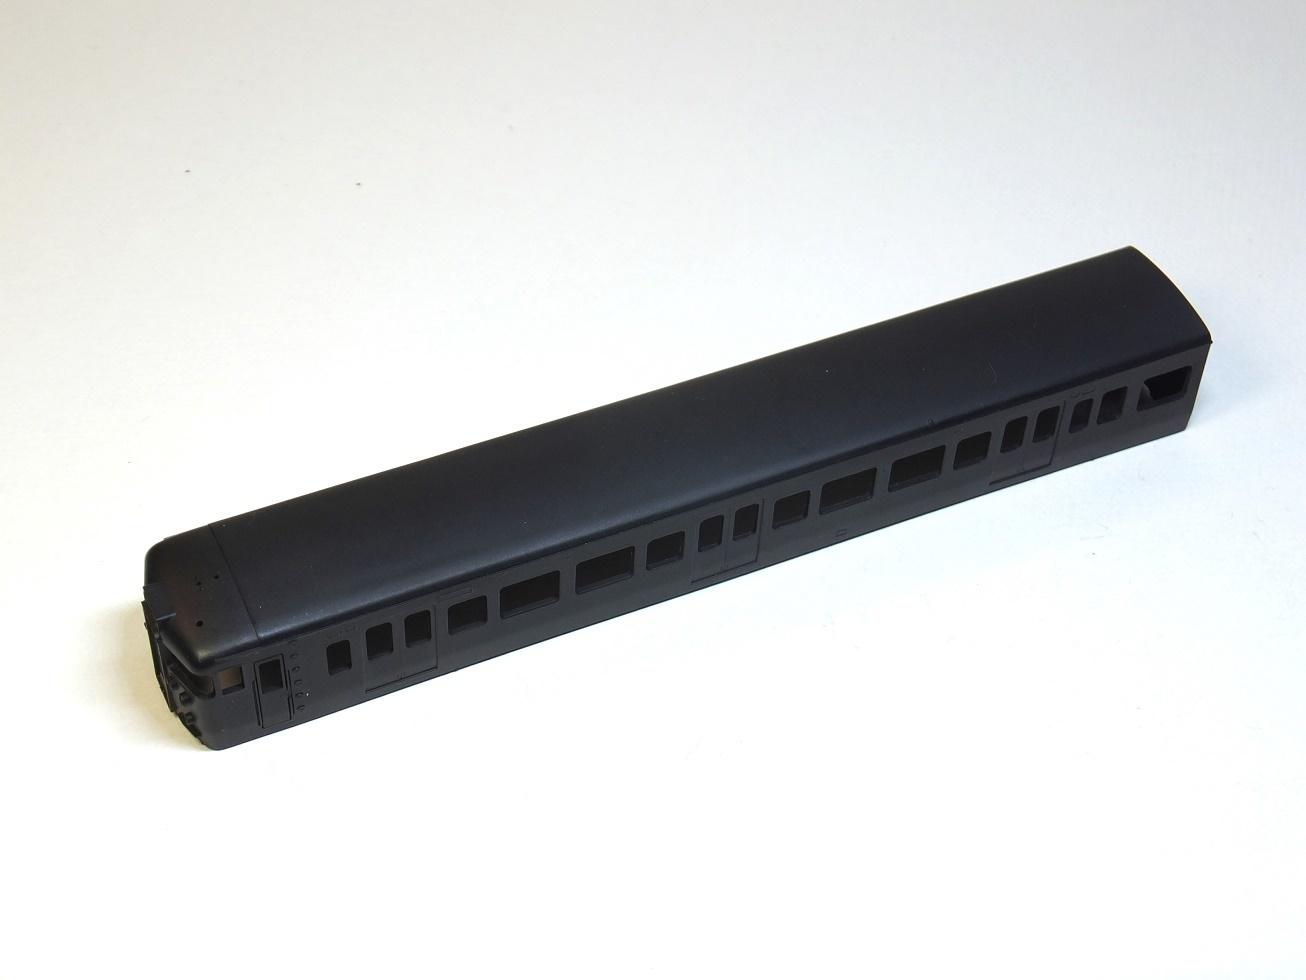 115系 クハ115-600 一体成型ボディキット_b0406338_01472690.jpg